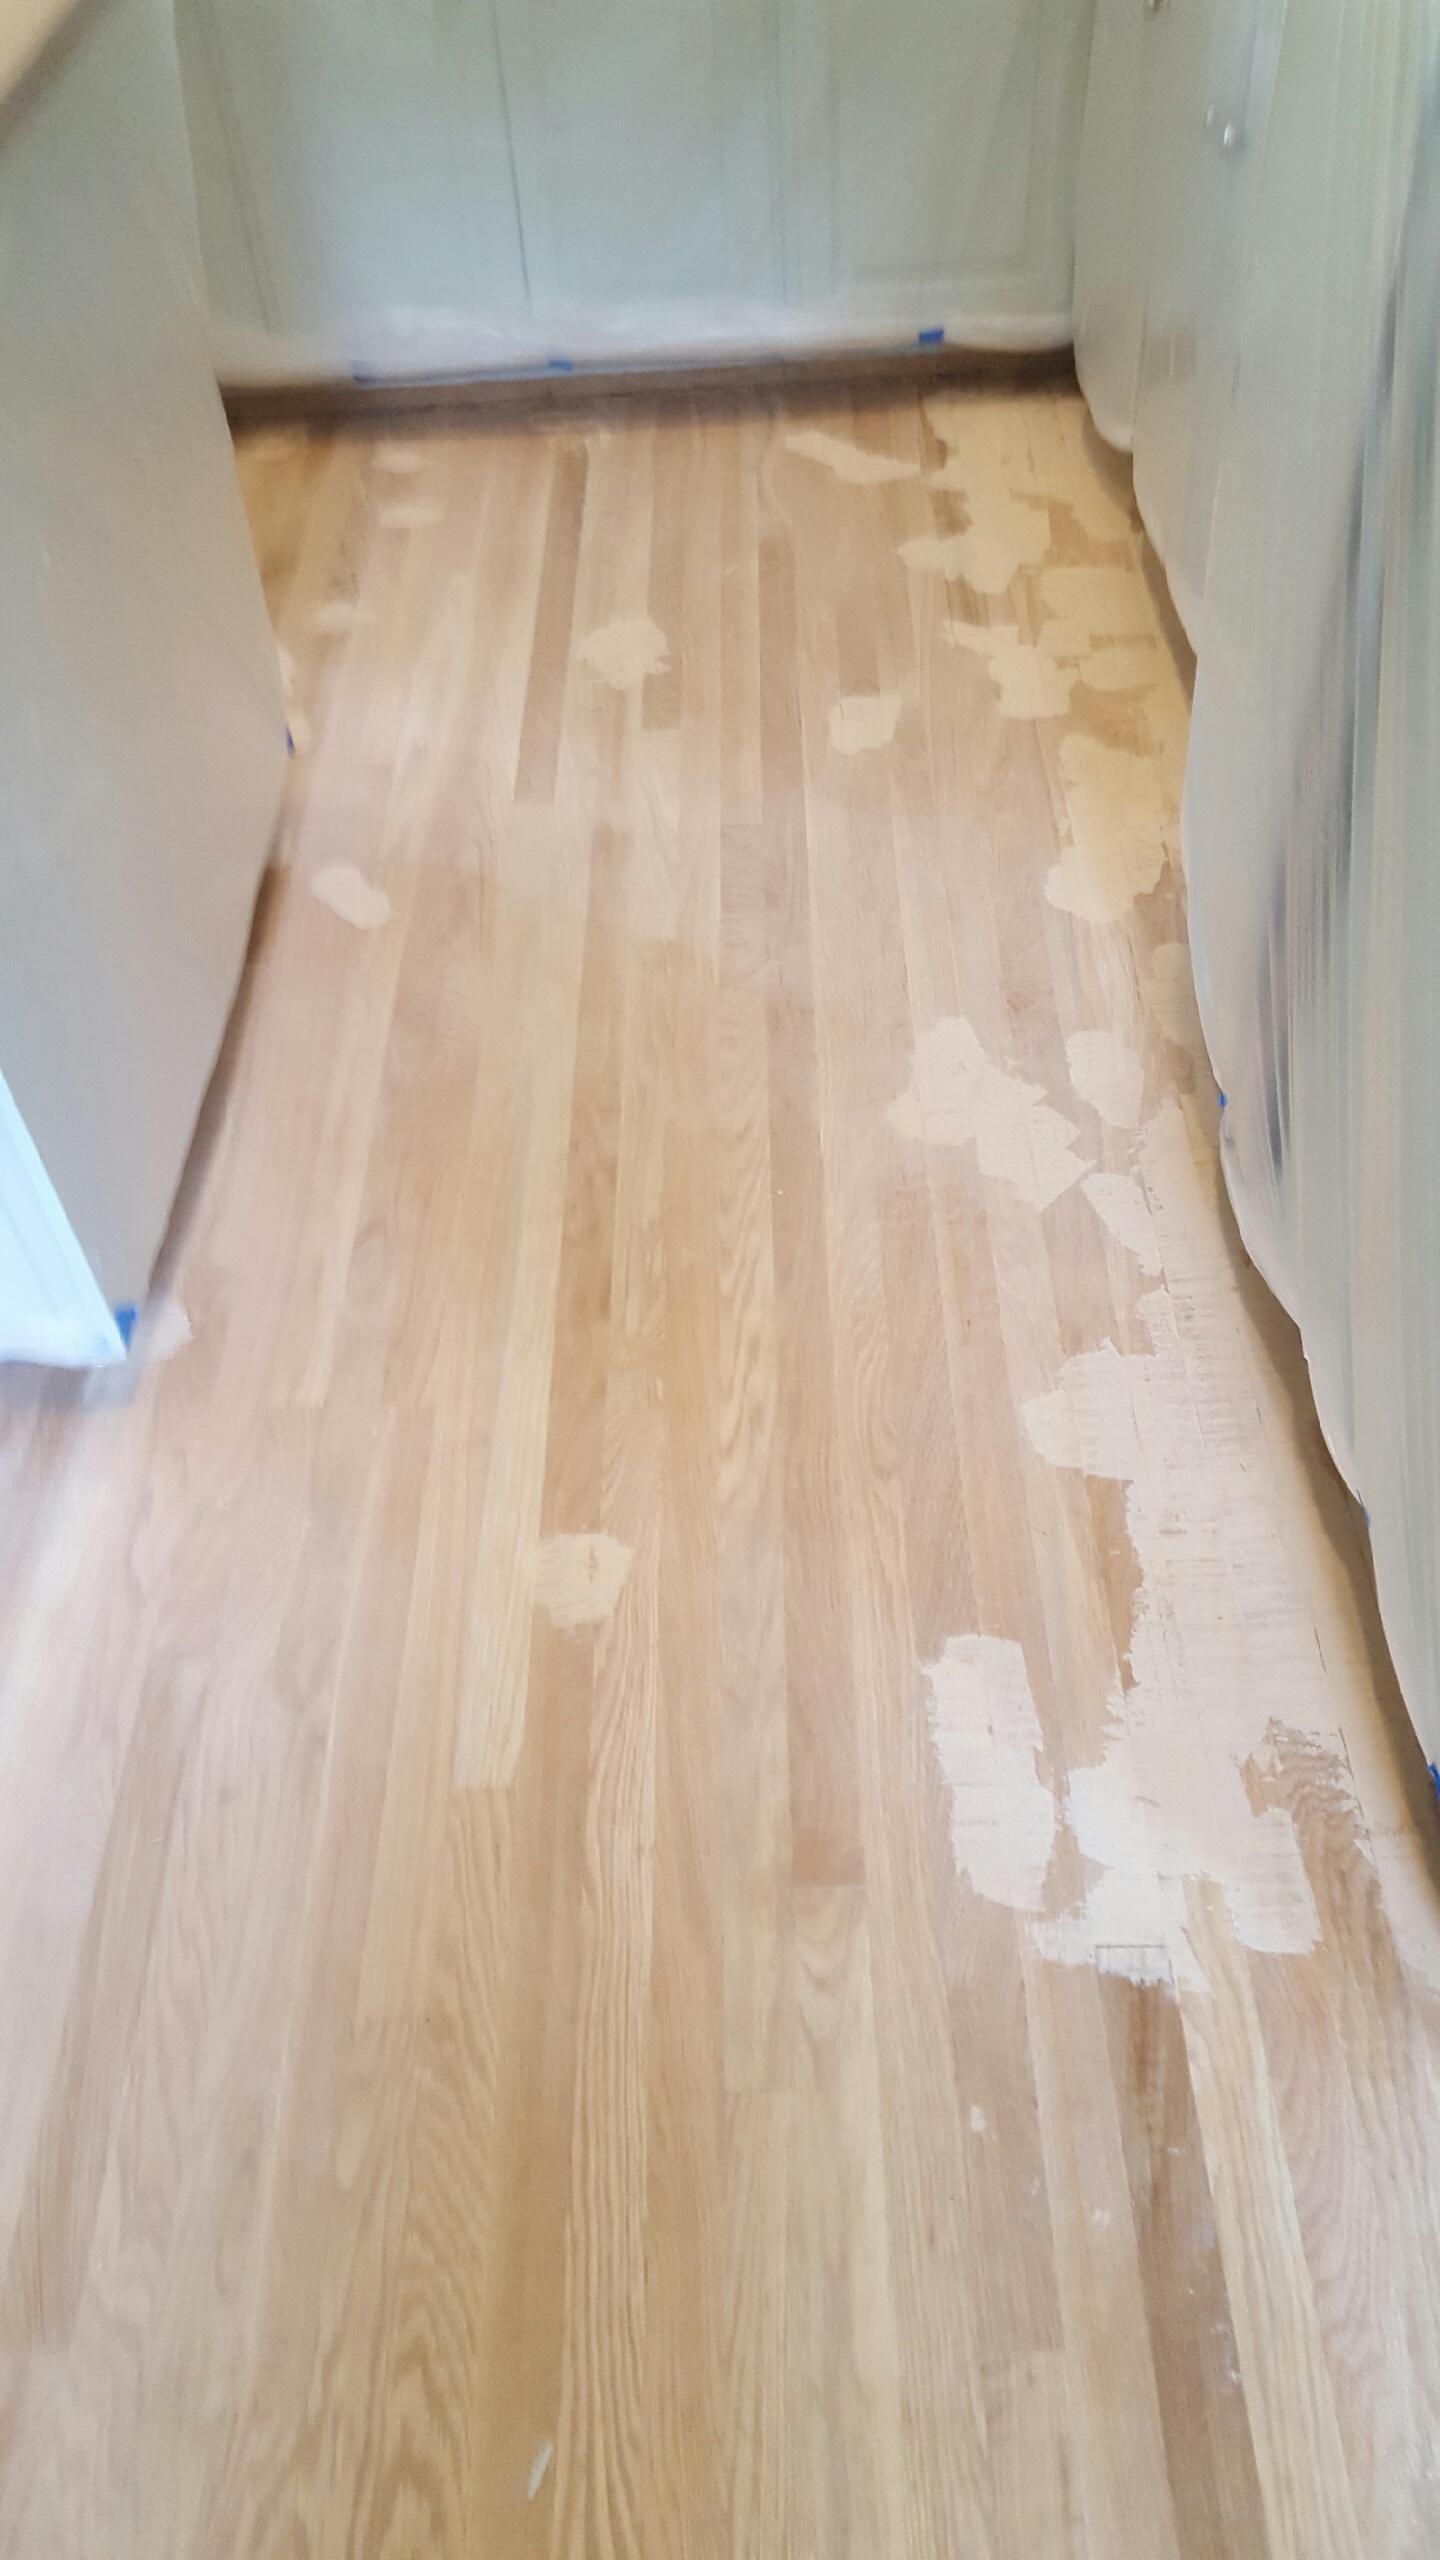 Floors in pantry.